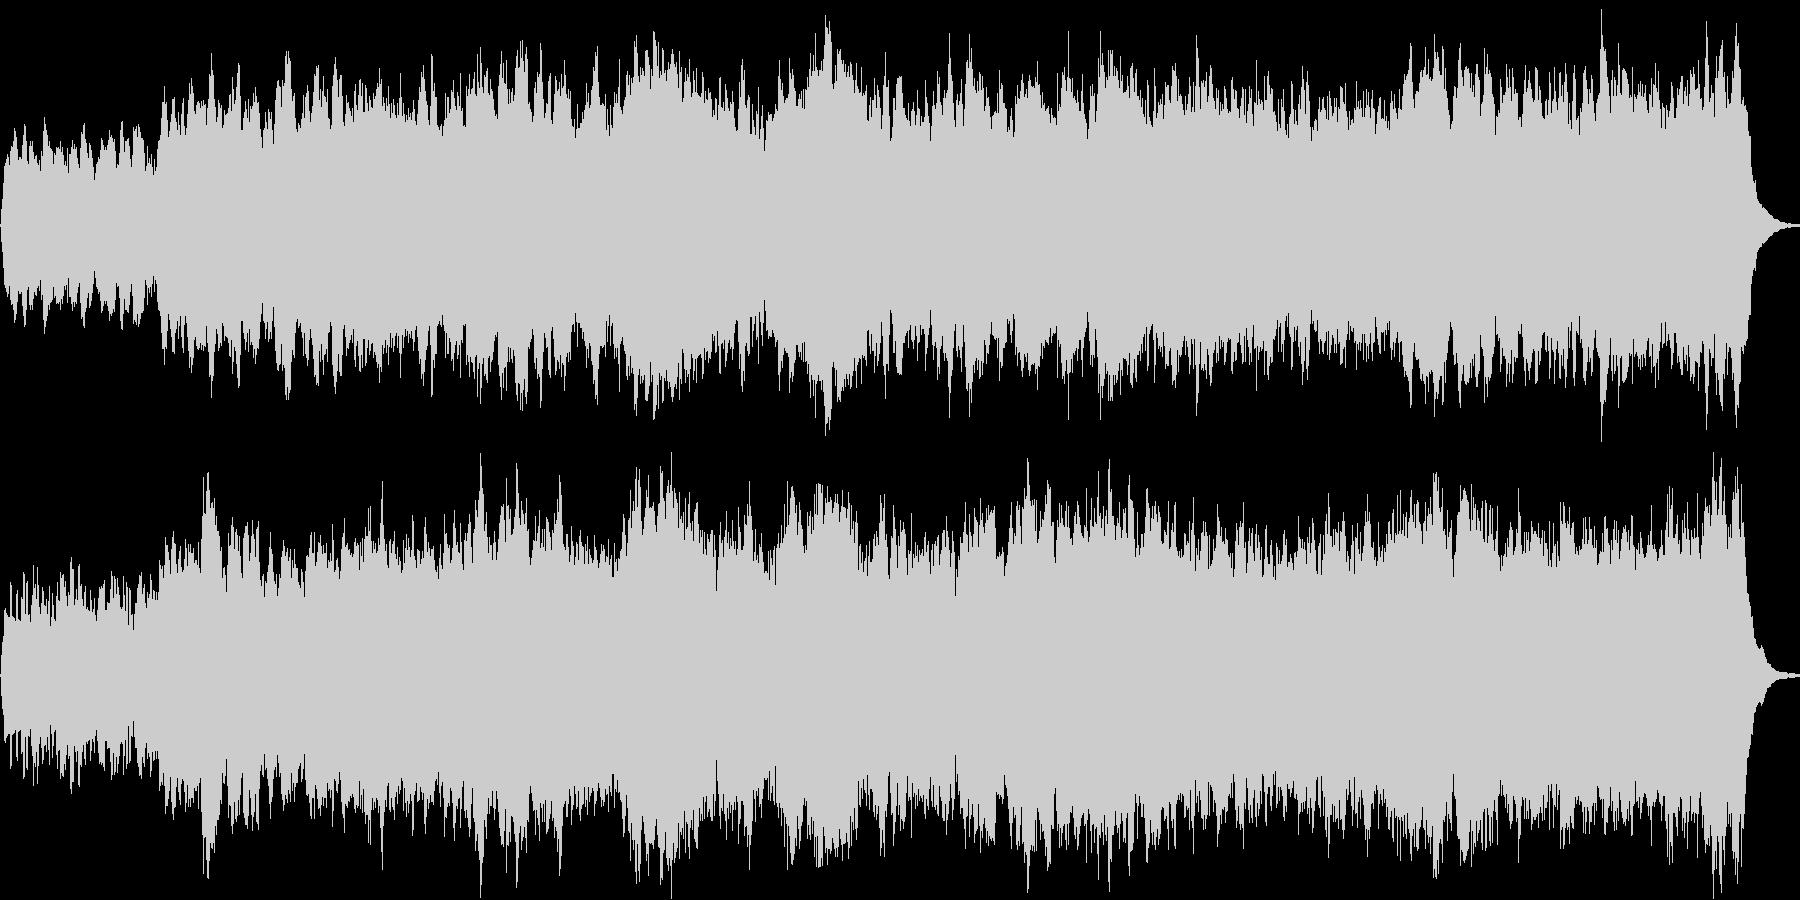 パイプオルガンの4重奏オリジナル曲の未再生の波形